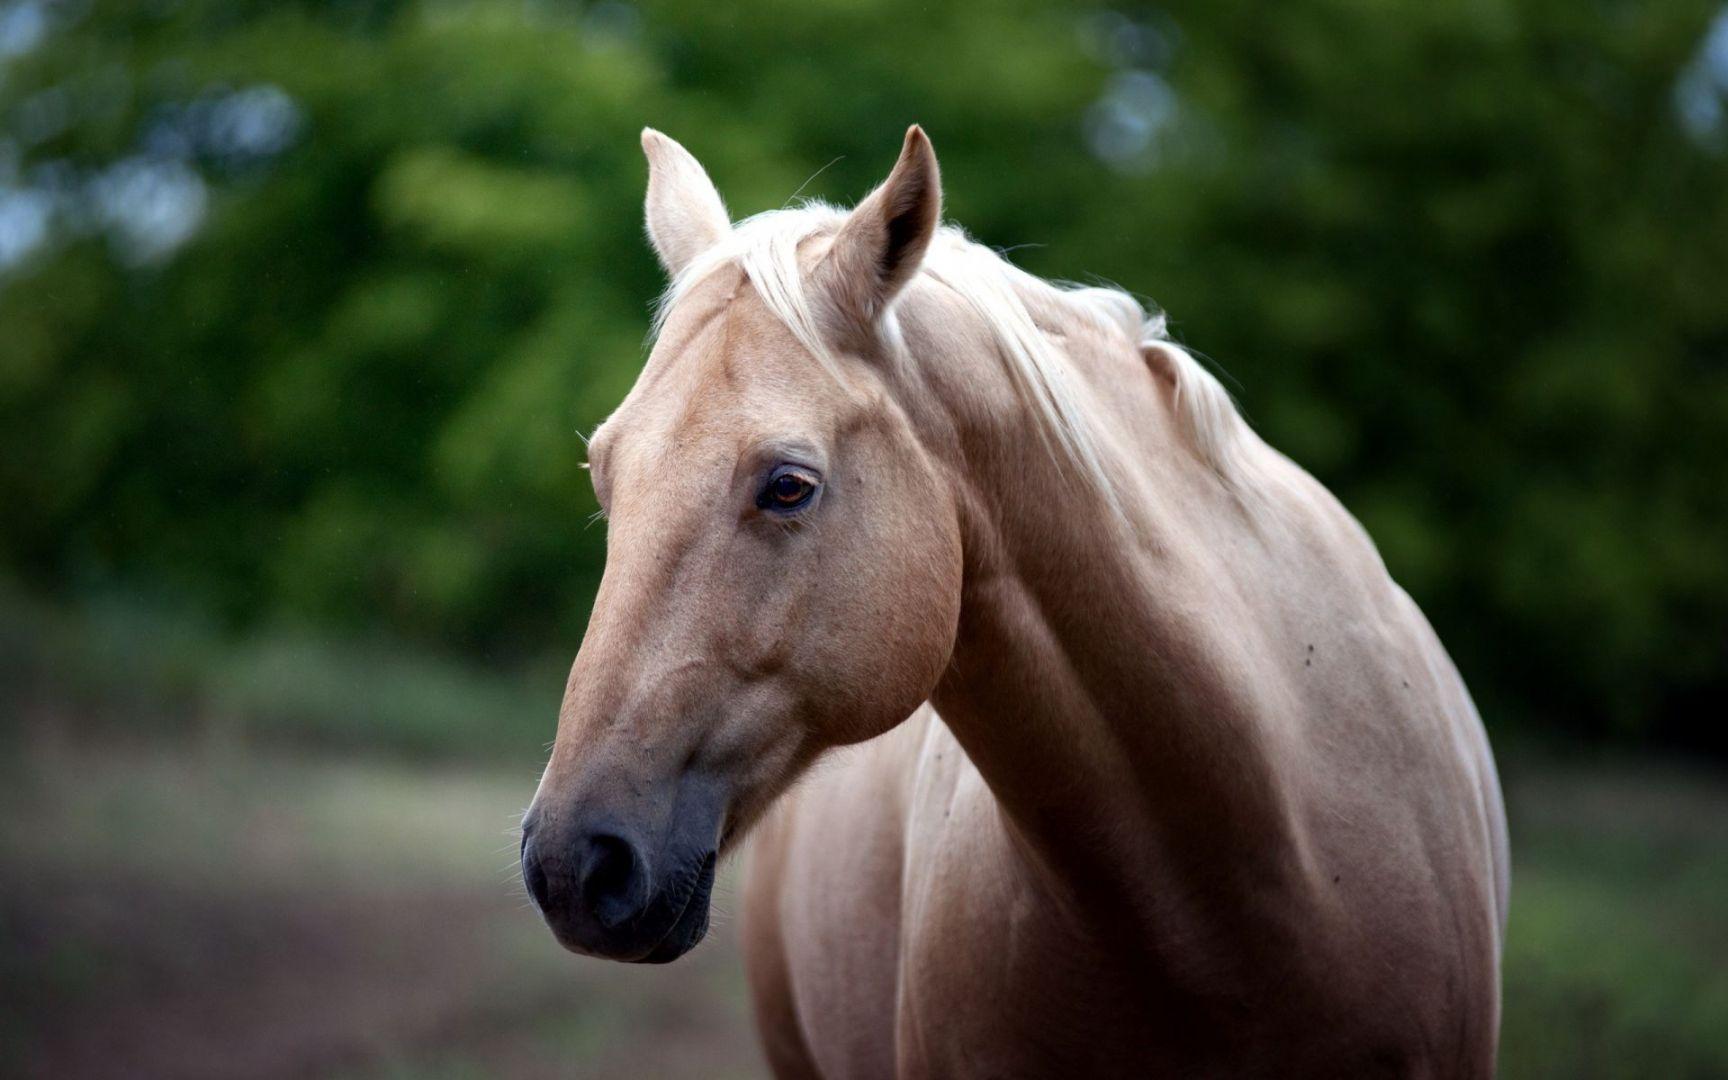 Хозяева лошади, покусавшей ребенка, выплатили 20 000 руб. заморальный вред